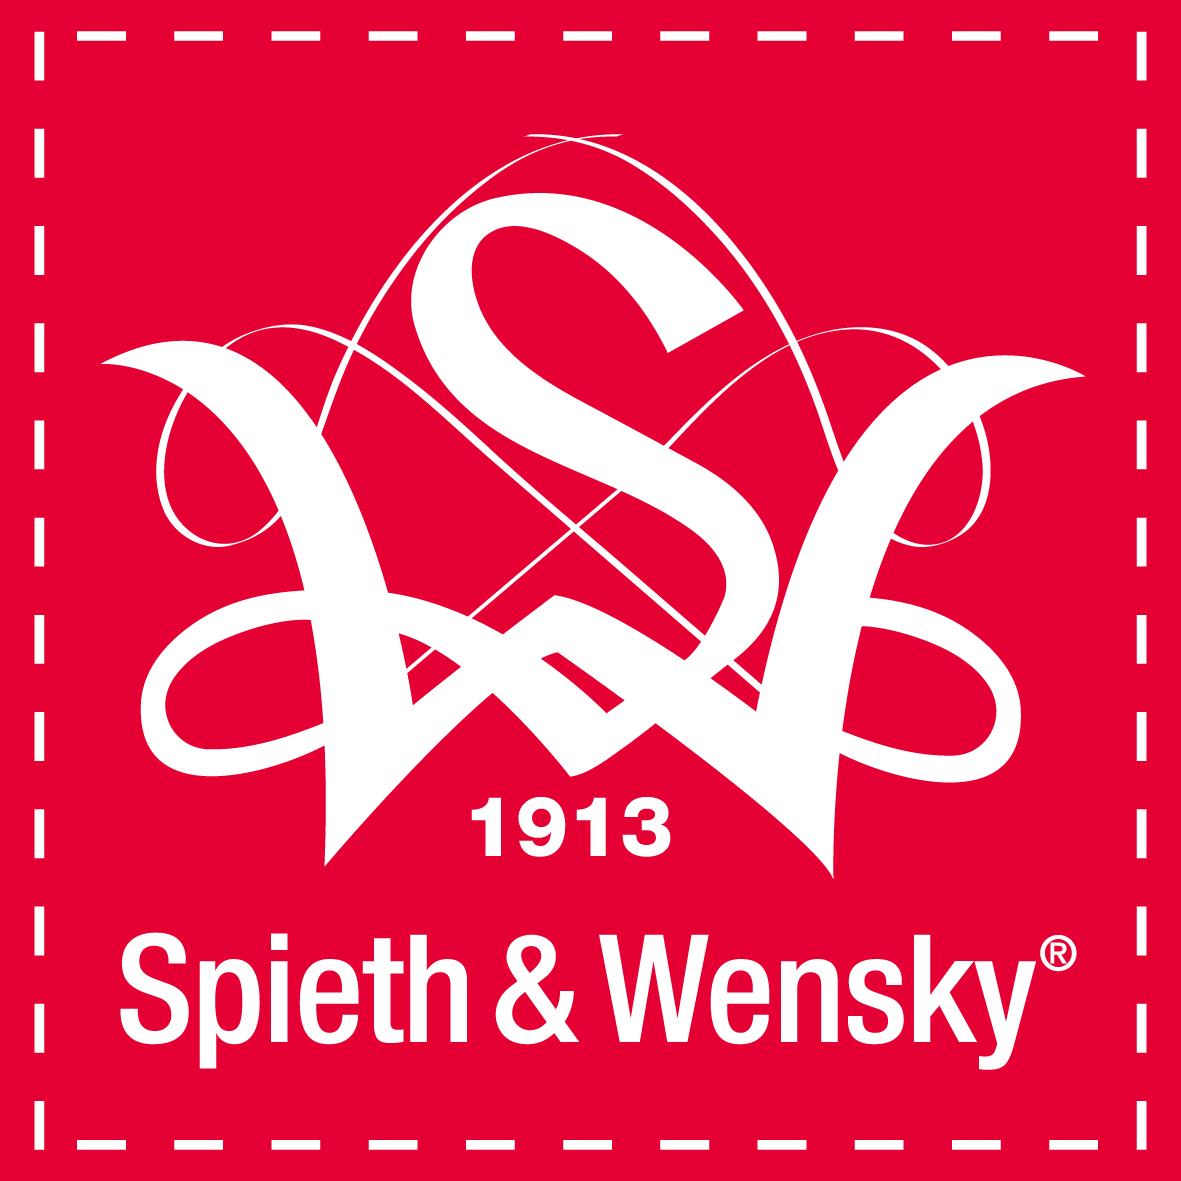 Spieth & Wensky